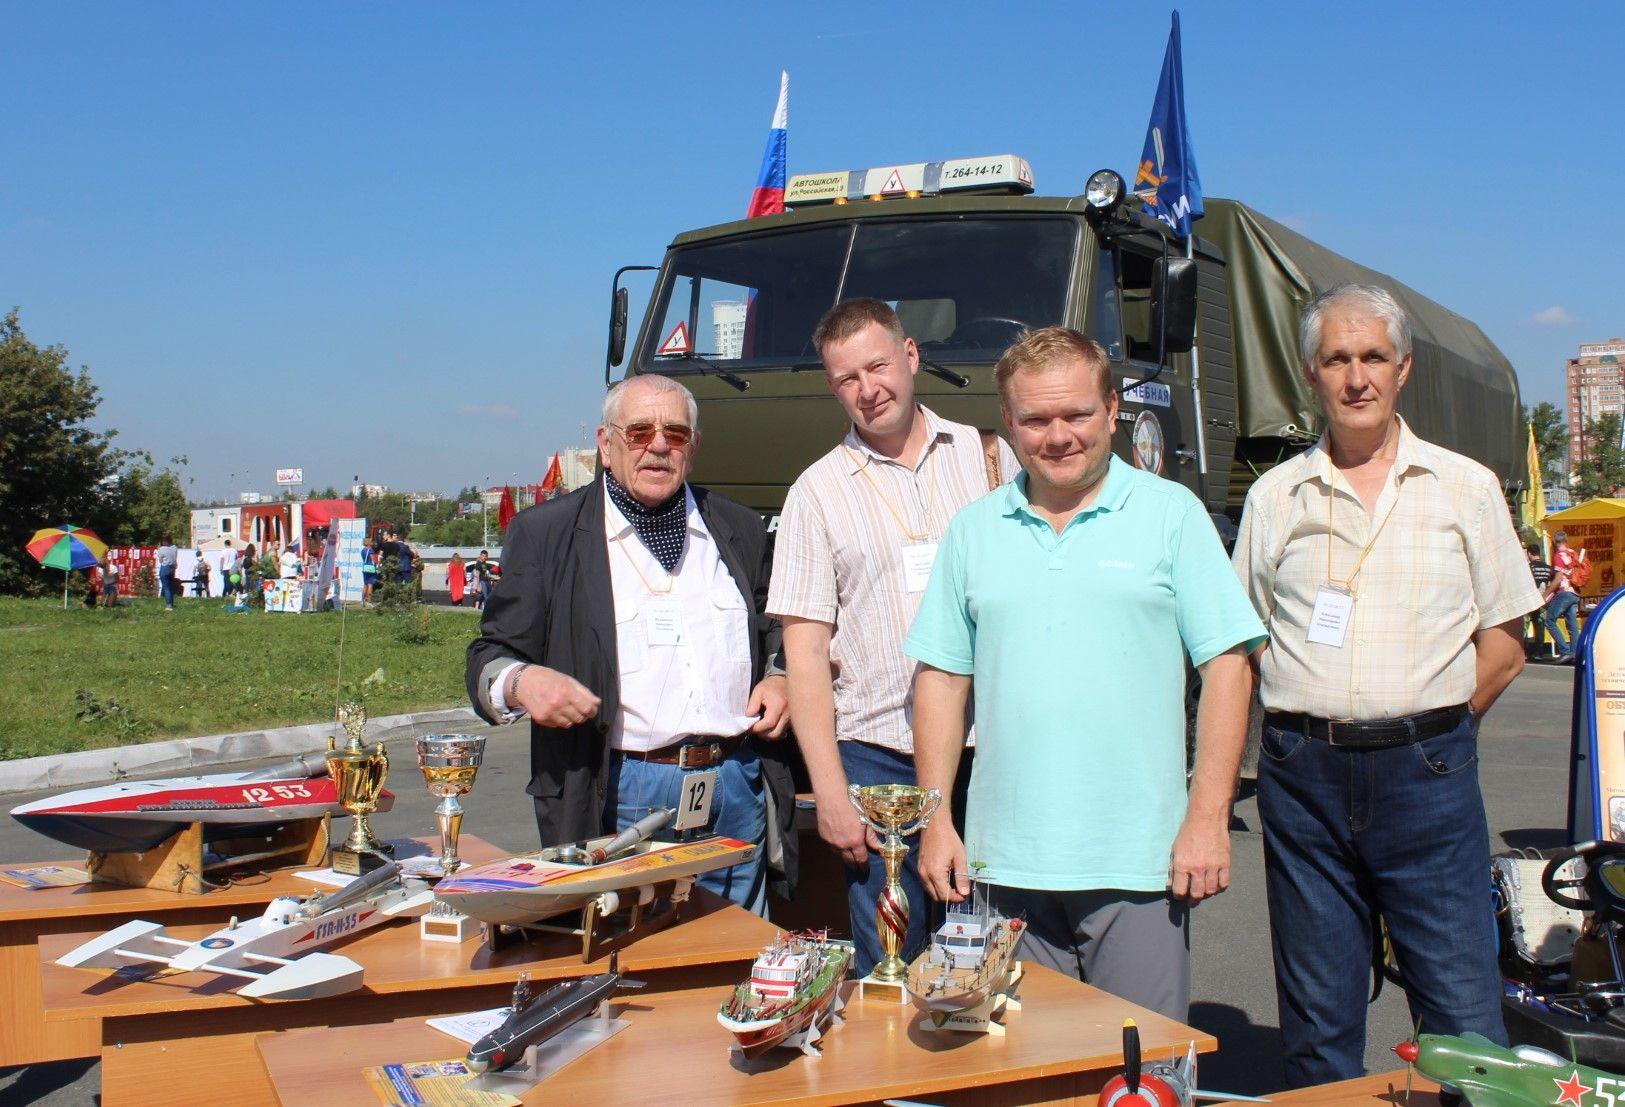 Педагоги ДЮТТ стали участниками выставки спортивной и военной техники на Общественно-политическом вернисаже в Челябинске